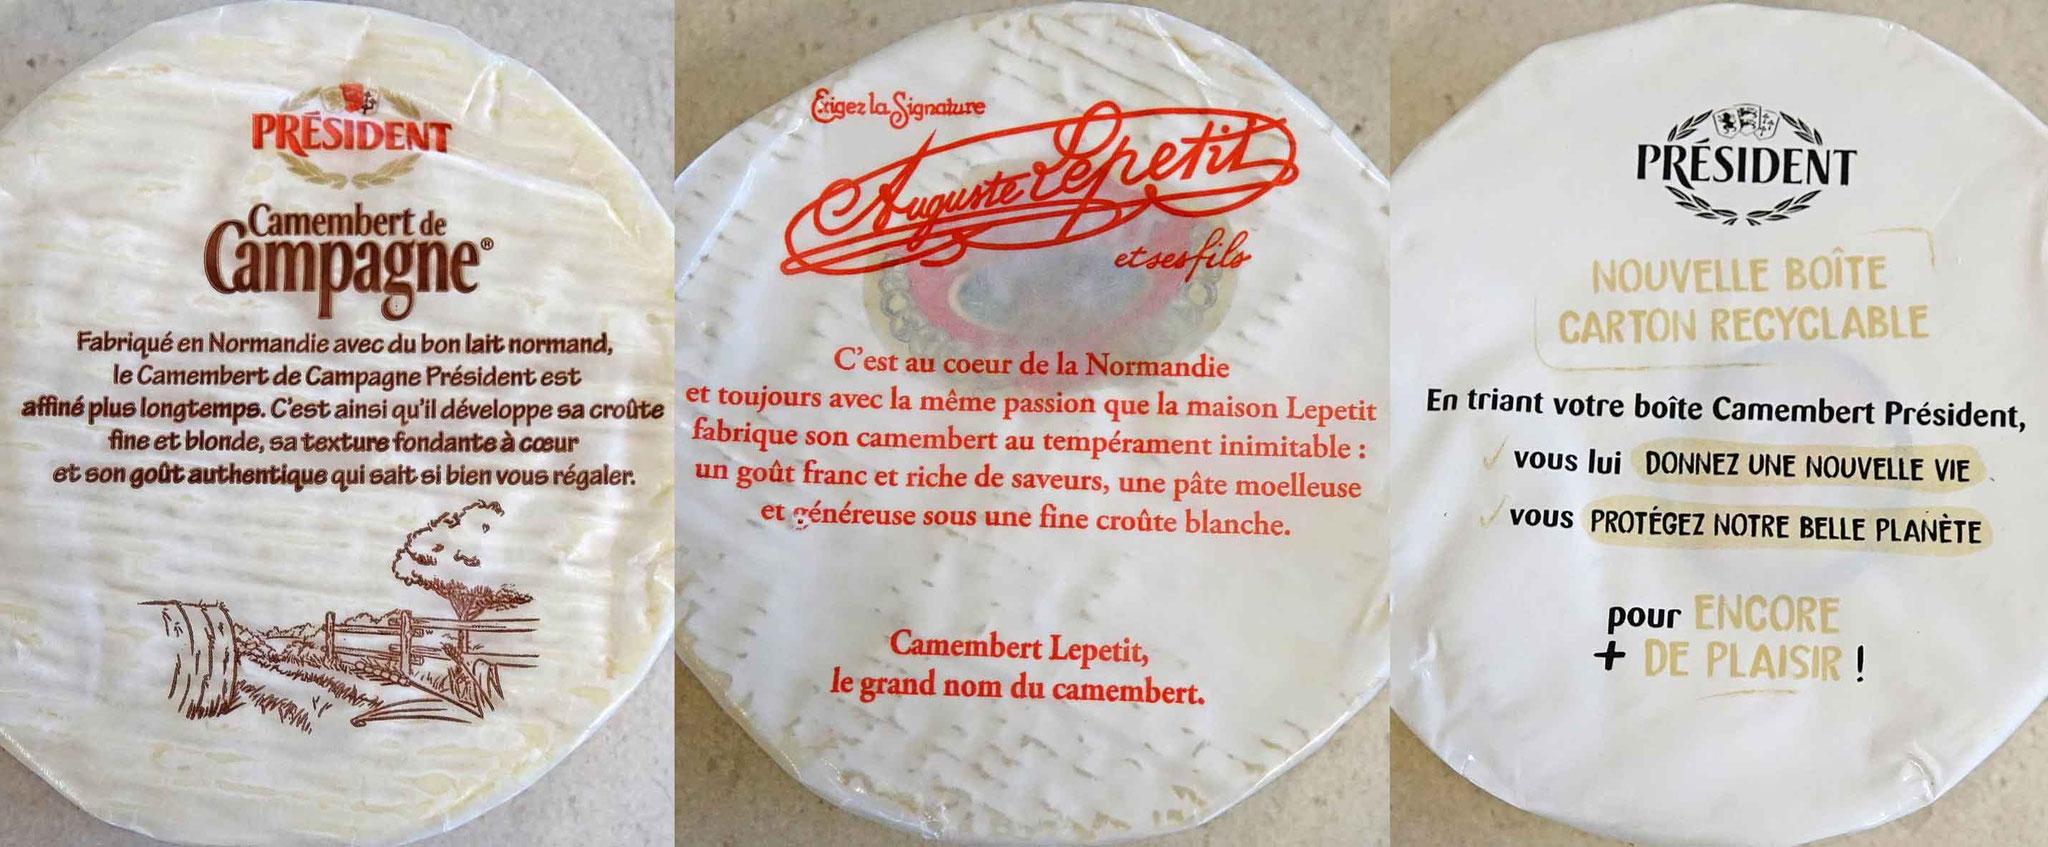 Camemberts Président et Lepetit achetés le 23 janvier 2021